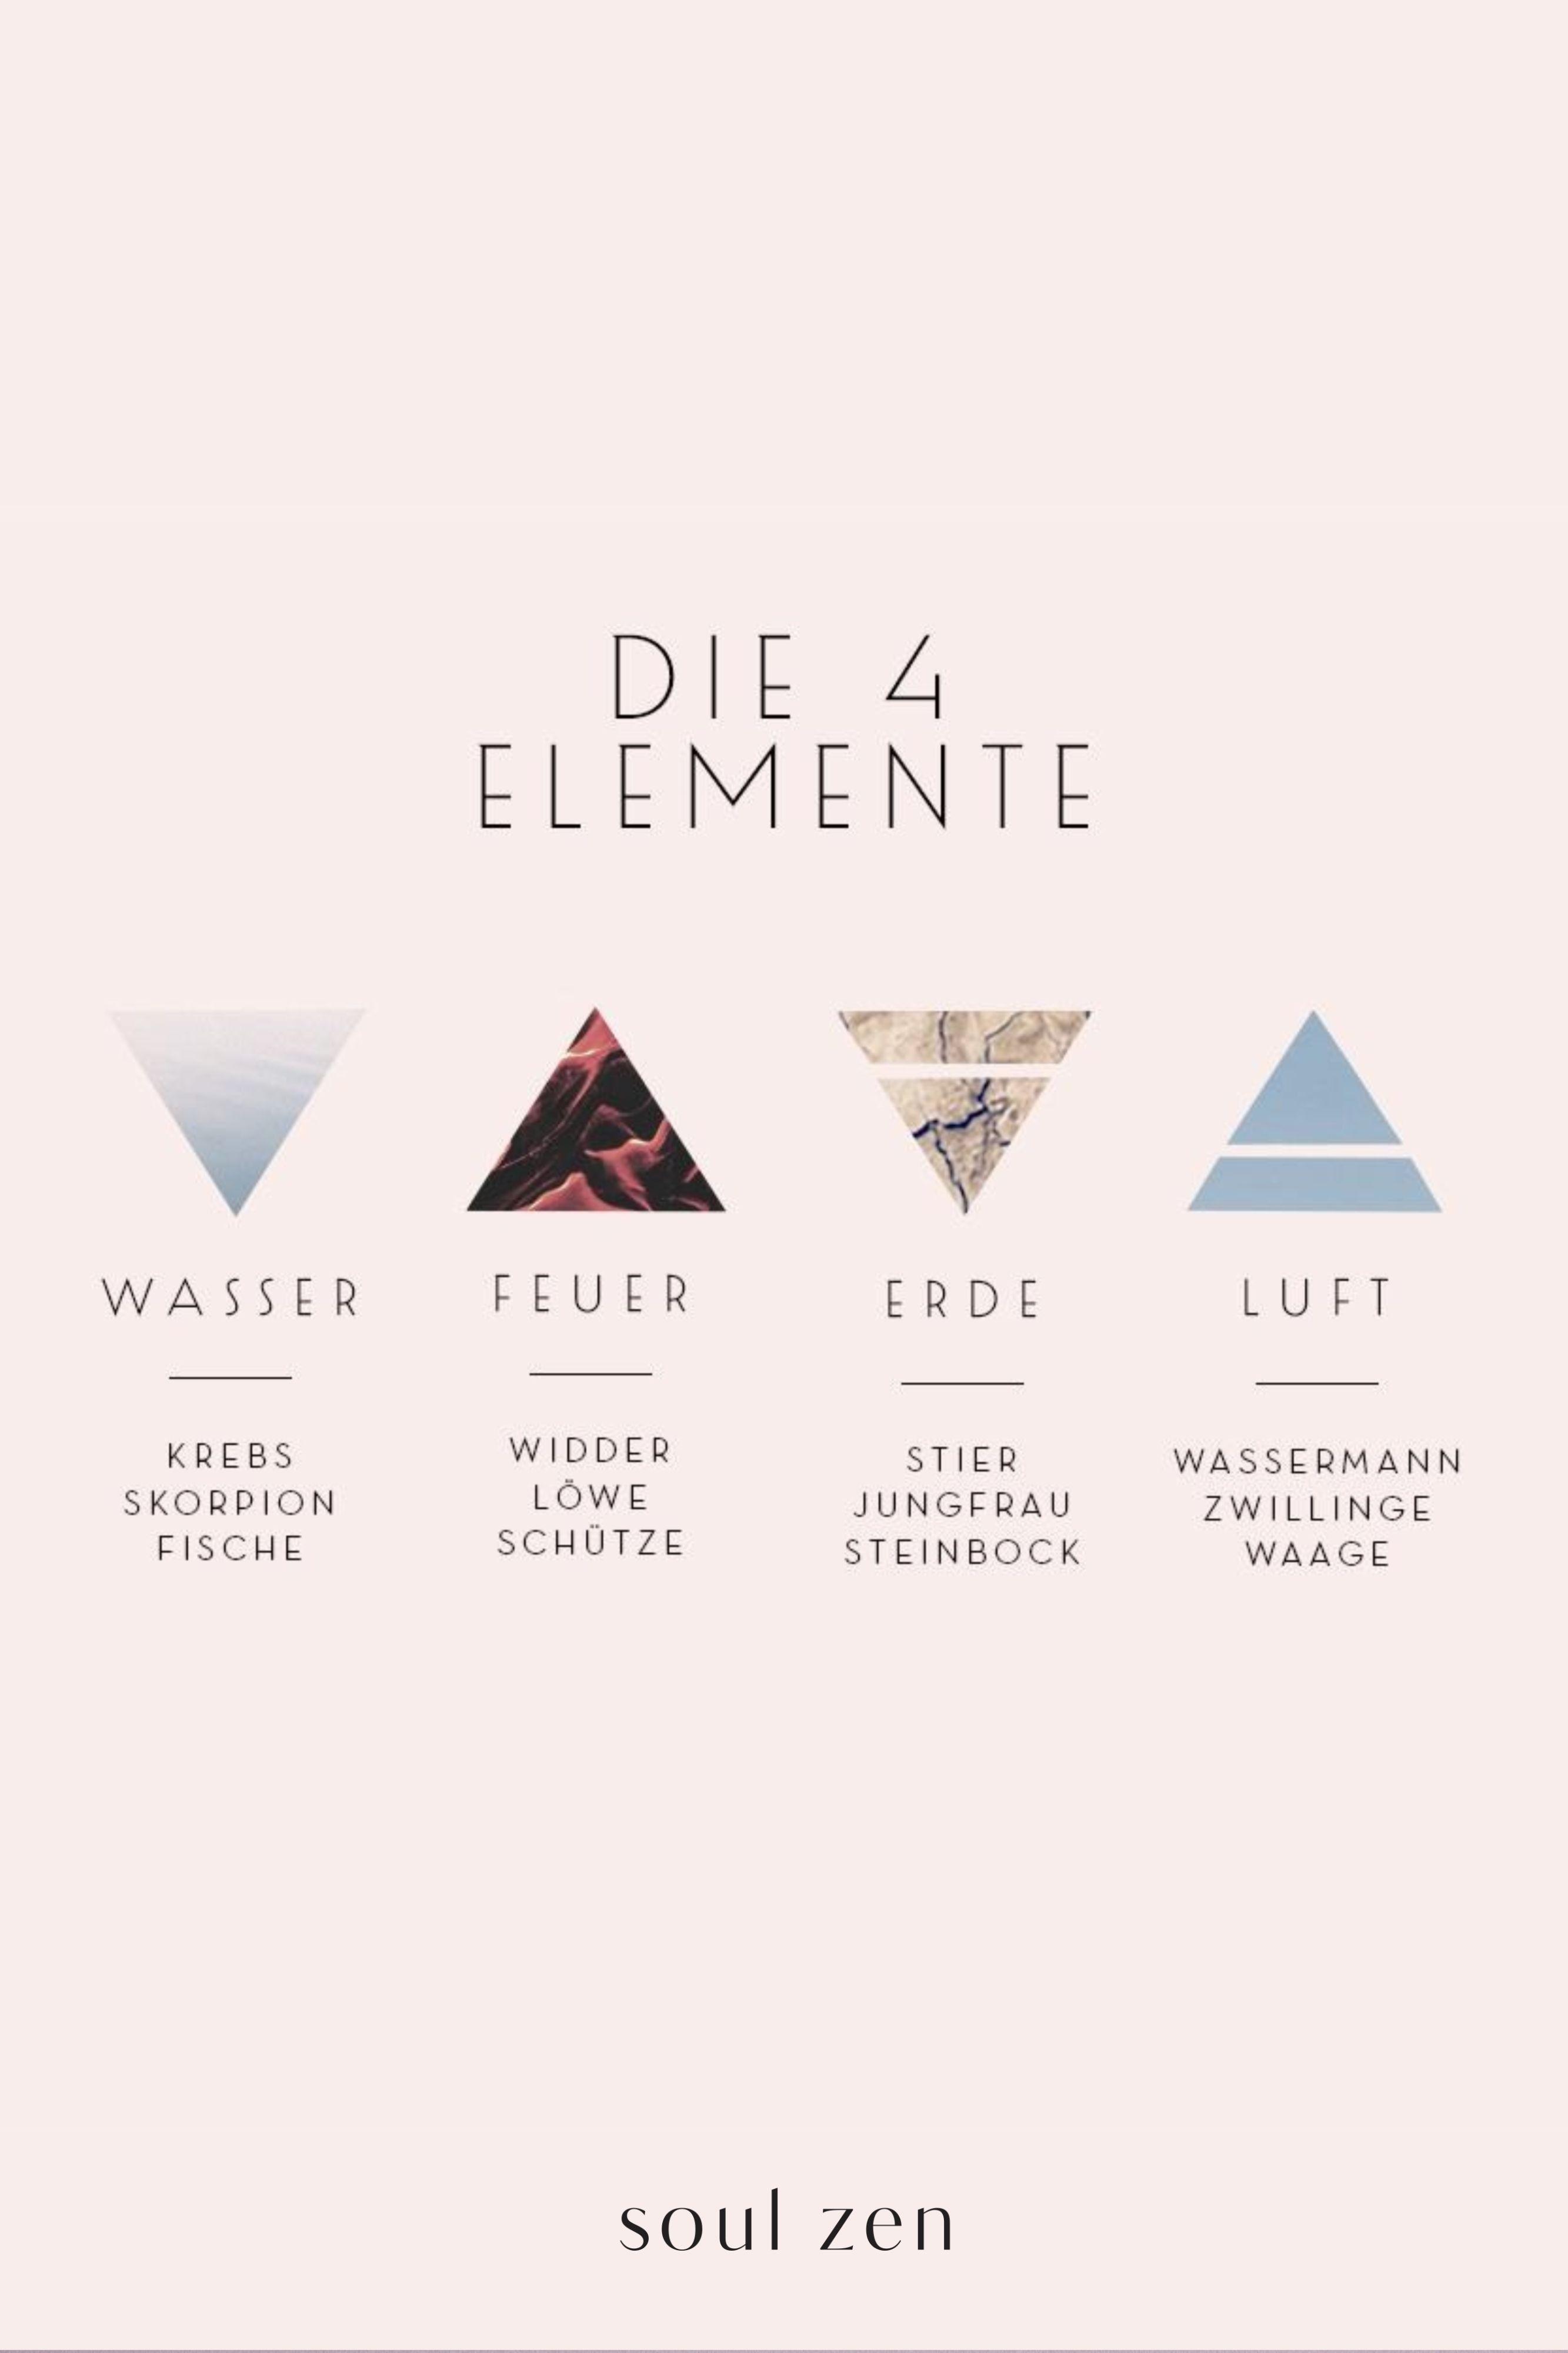 Die 4 Elemente | Wasser | Feuer | Erde | Luft | Jetzt auf